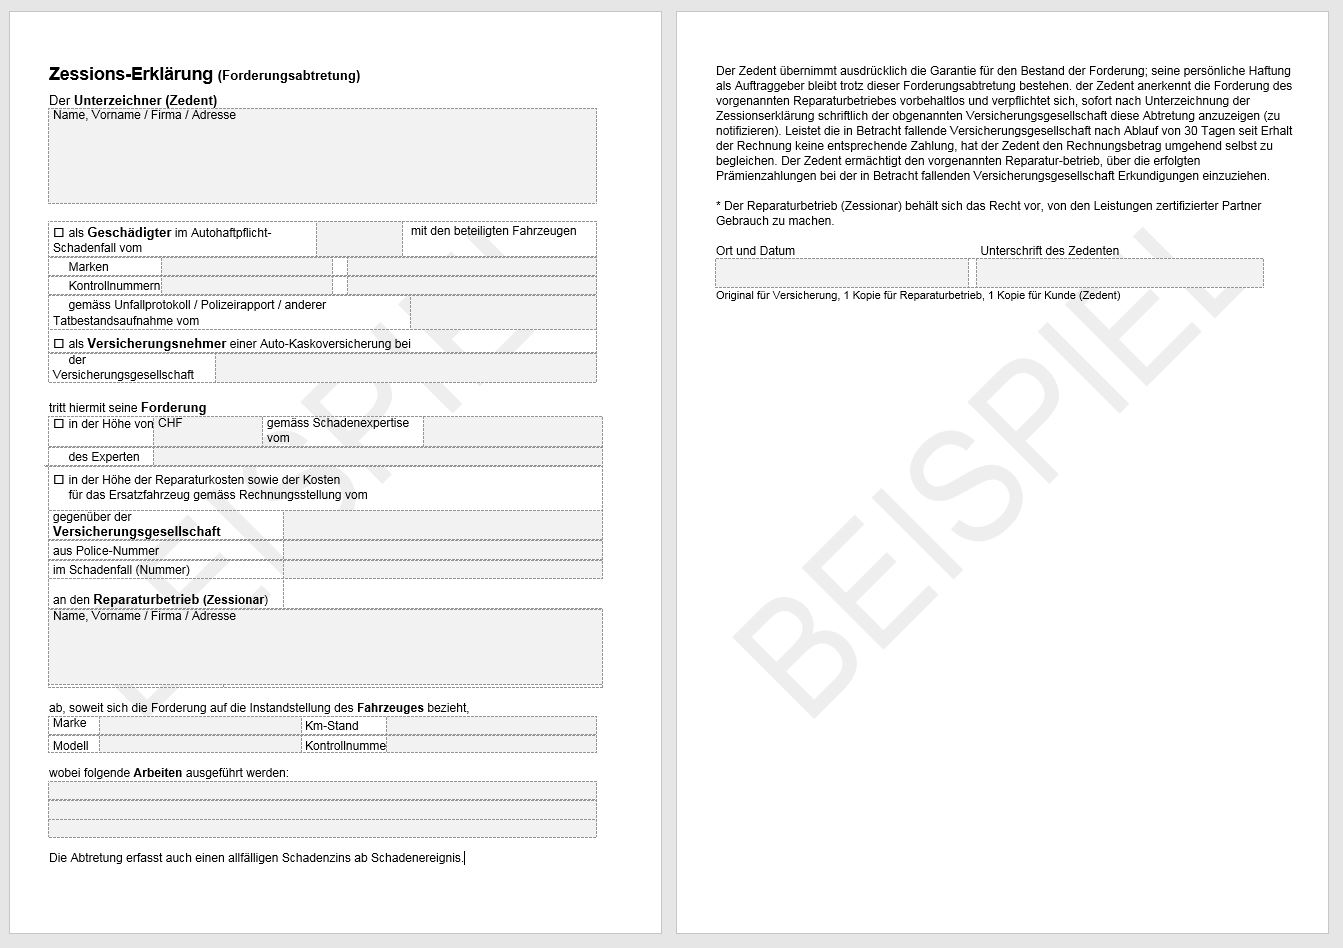 Download Zessions-Erklärung | AGVS | UPSA